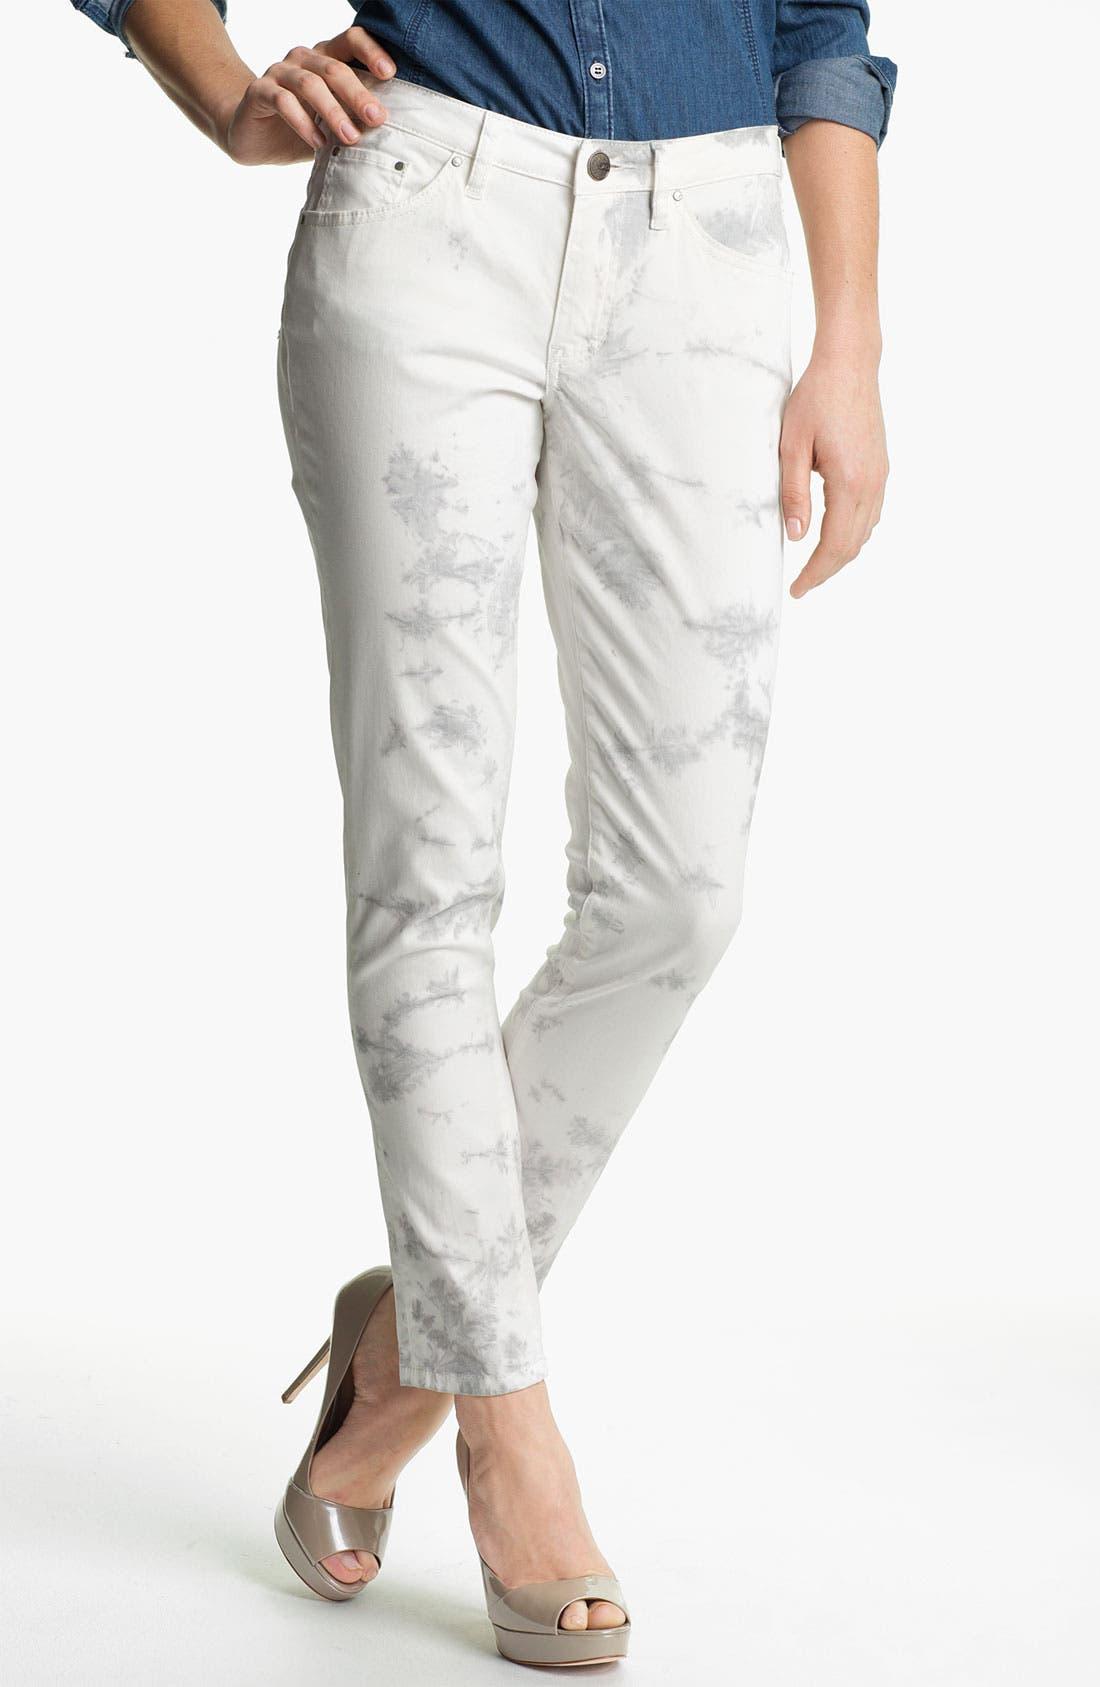 Alternate Image 1 Selected - Jag Jeans 'Chloe - Tie Dye' Skinny Jeans